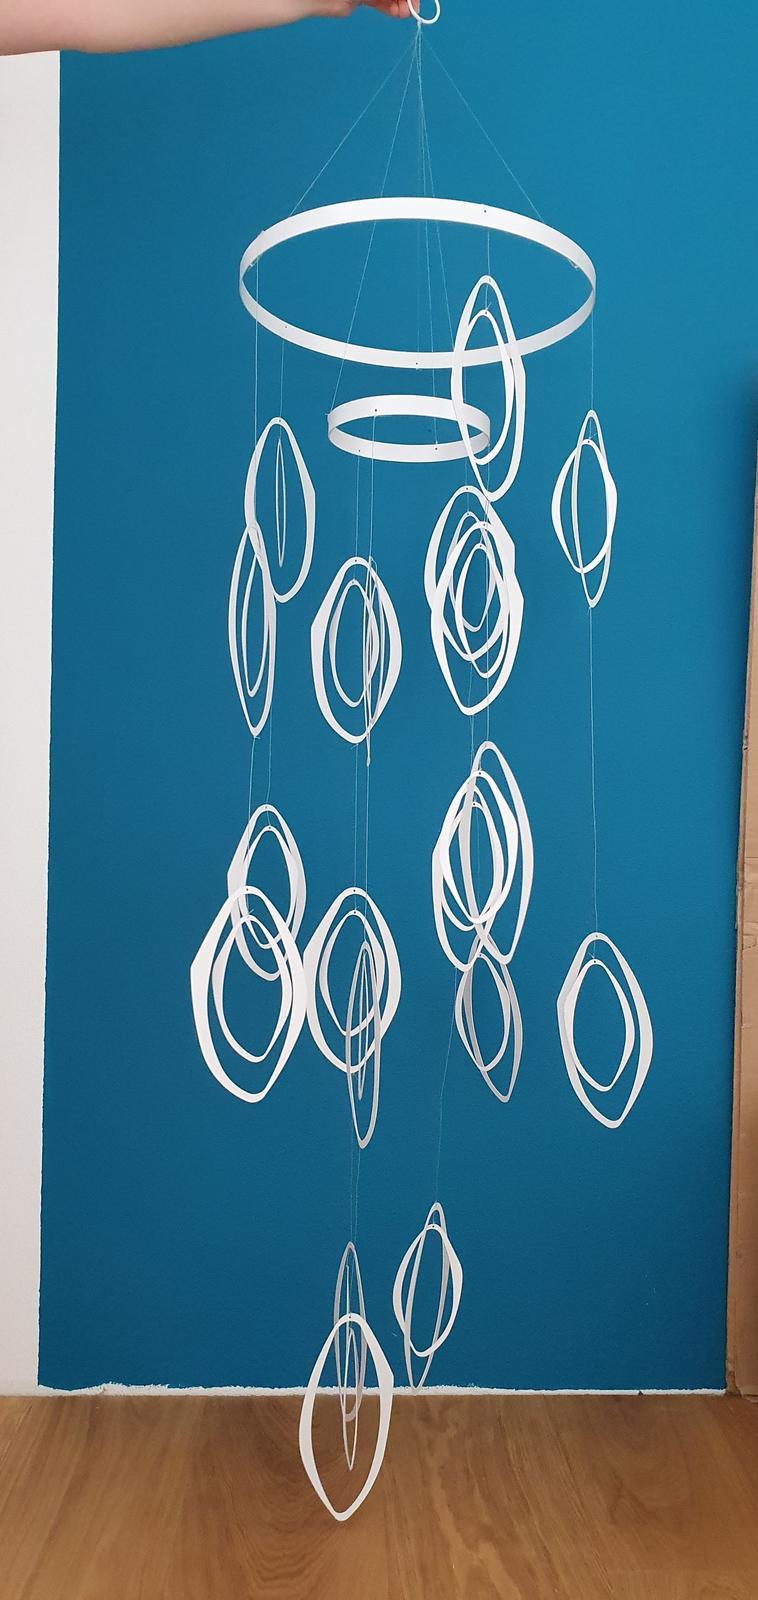 Závesná kovová dekorácia - Obrázok č. 1